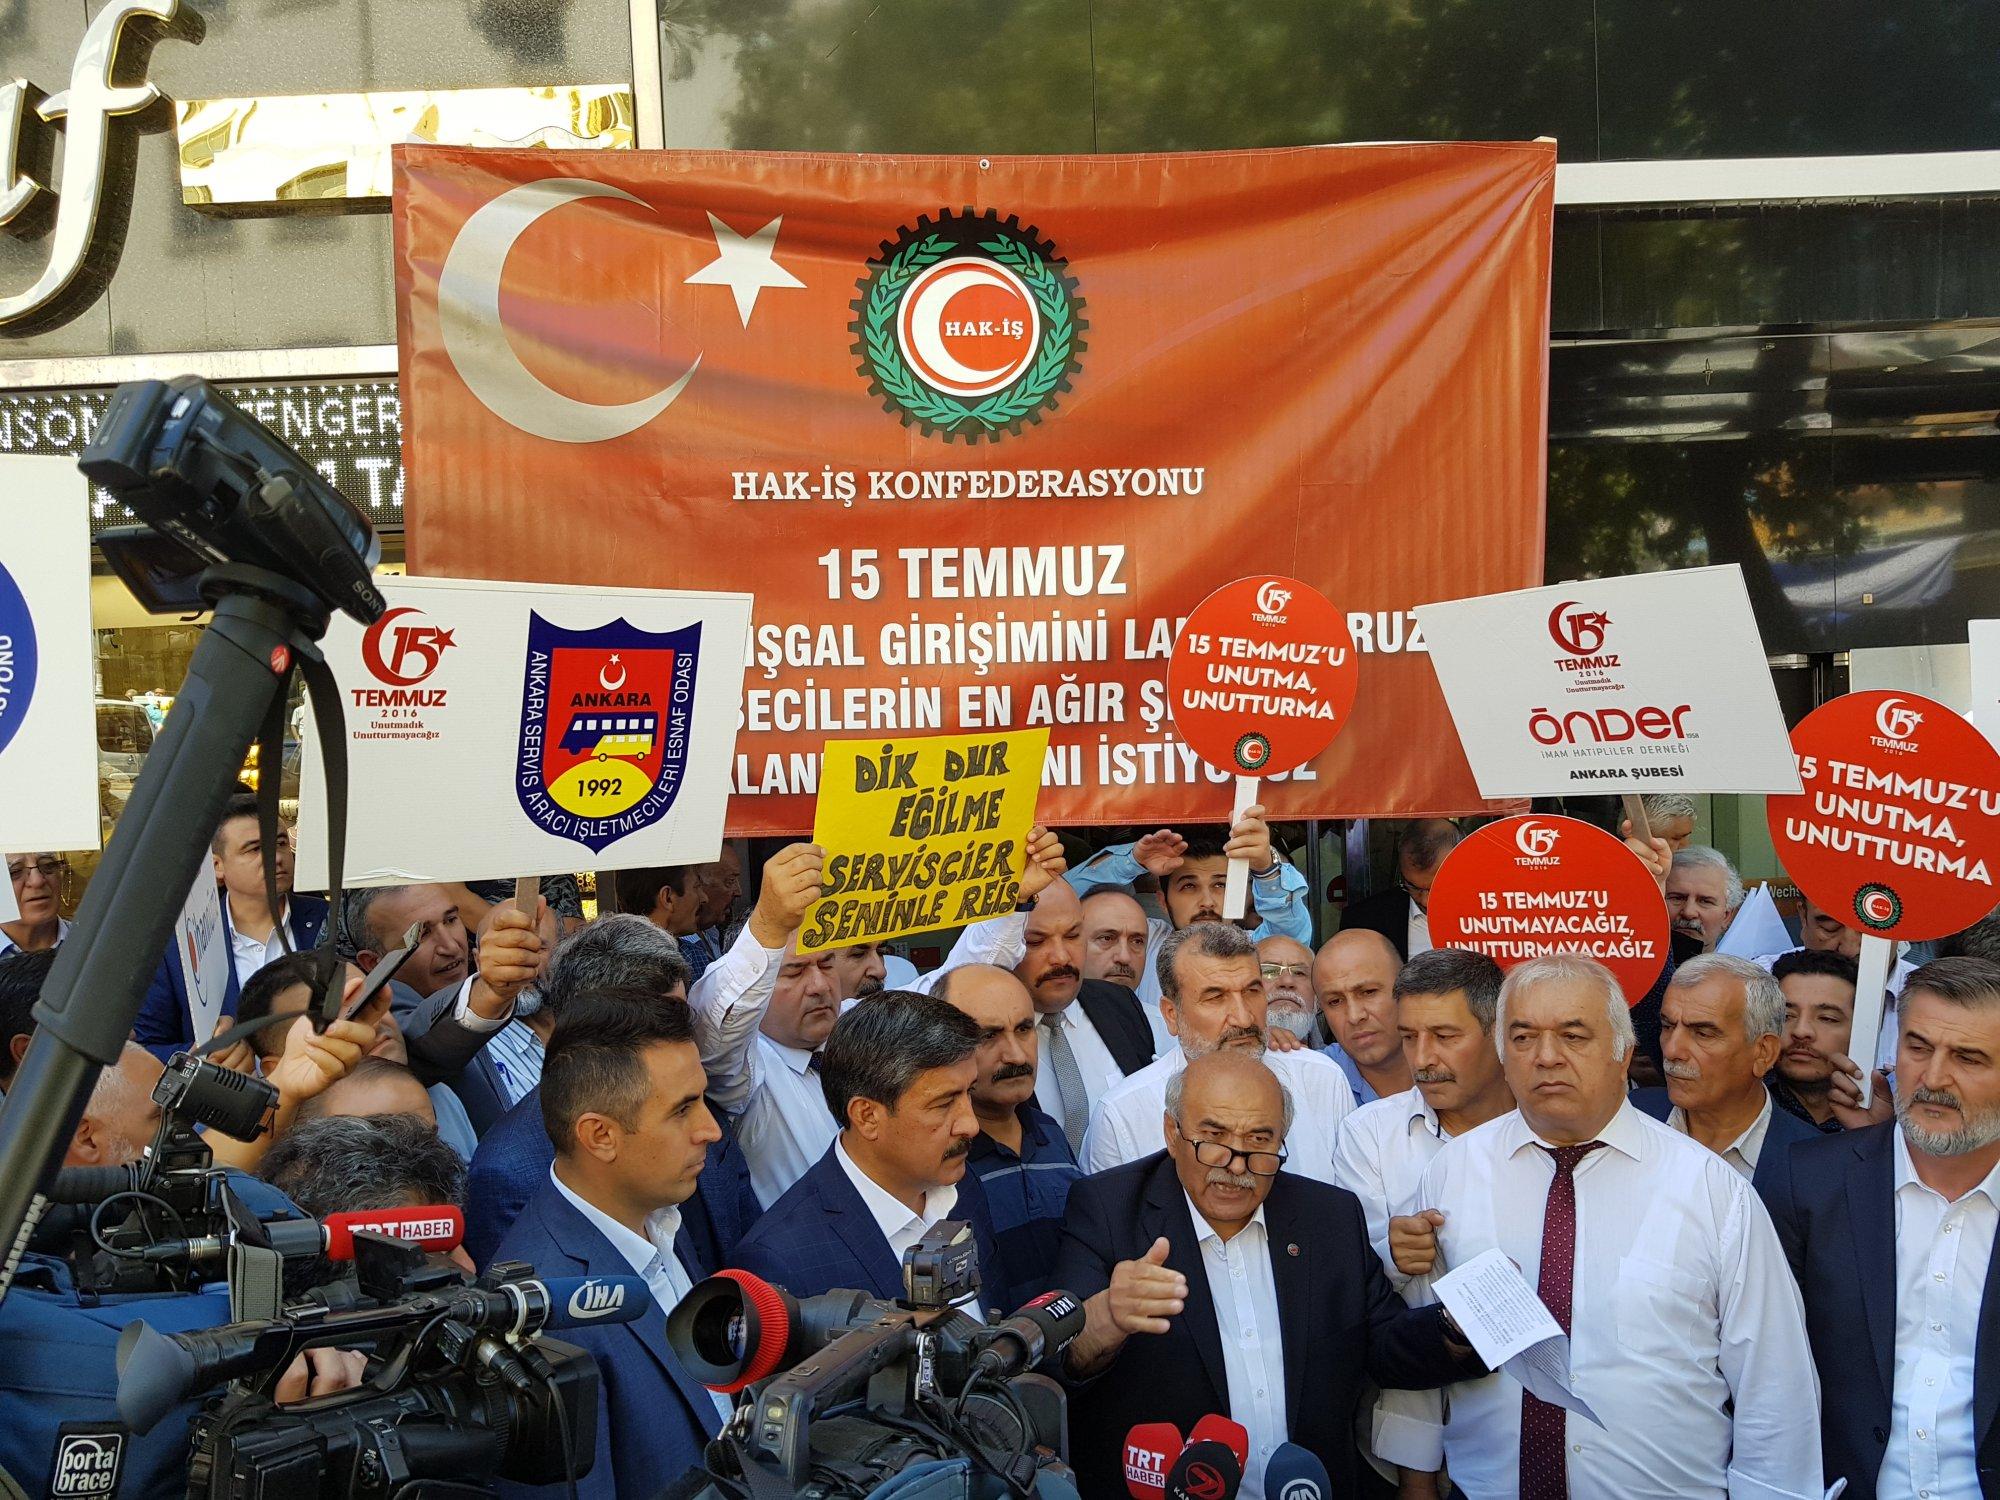 HAK-İŞ ÜYELERİ EKONOMİK SAVAŞI PROTESTO ETTİ